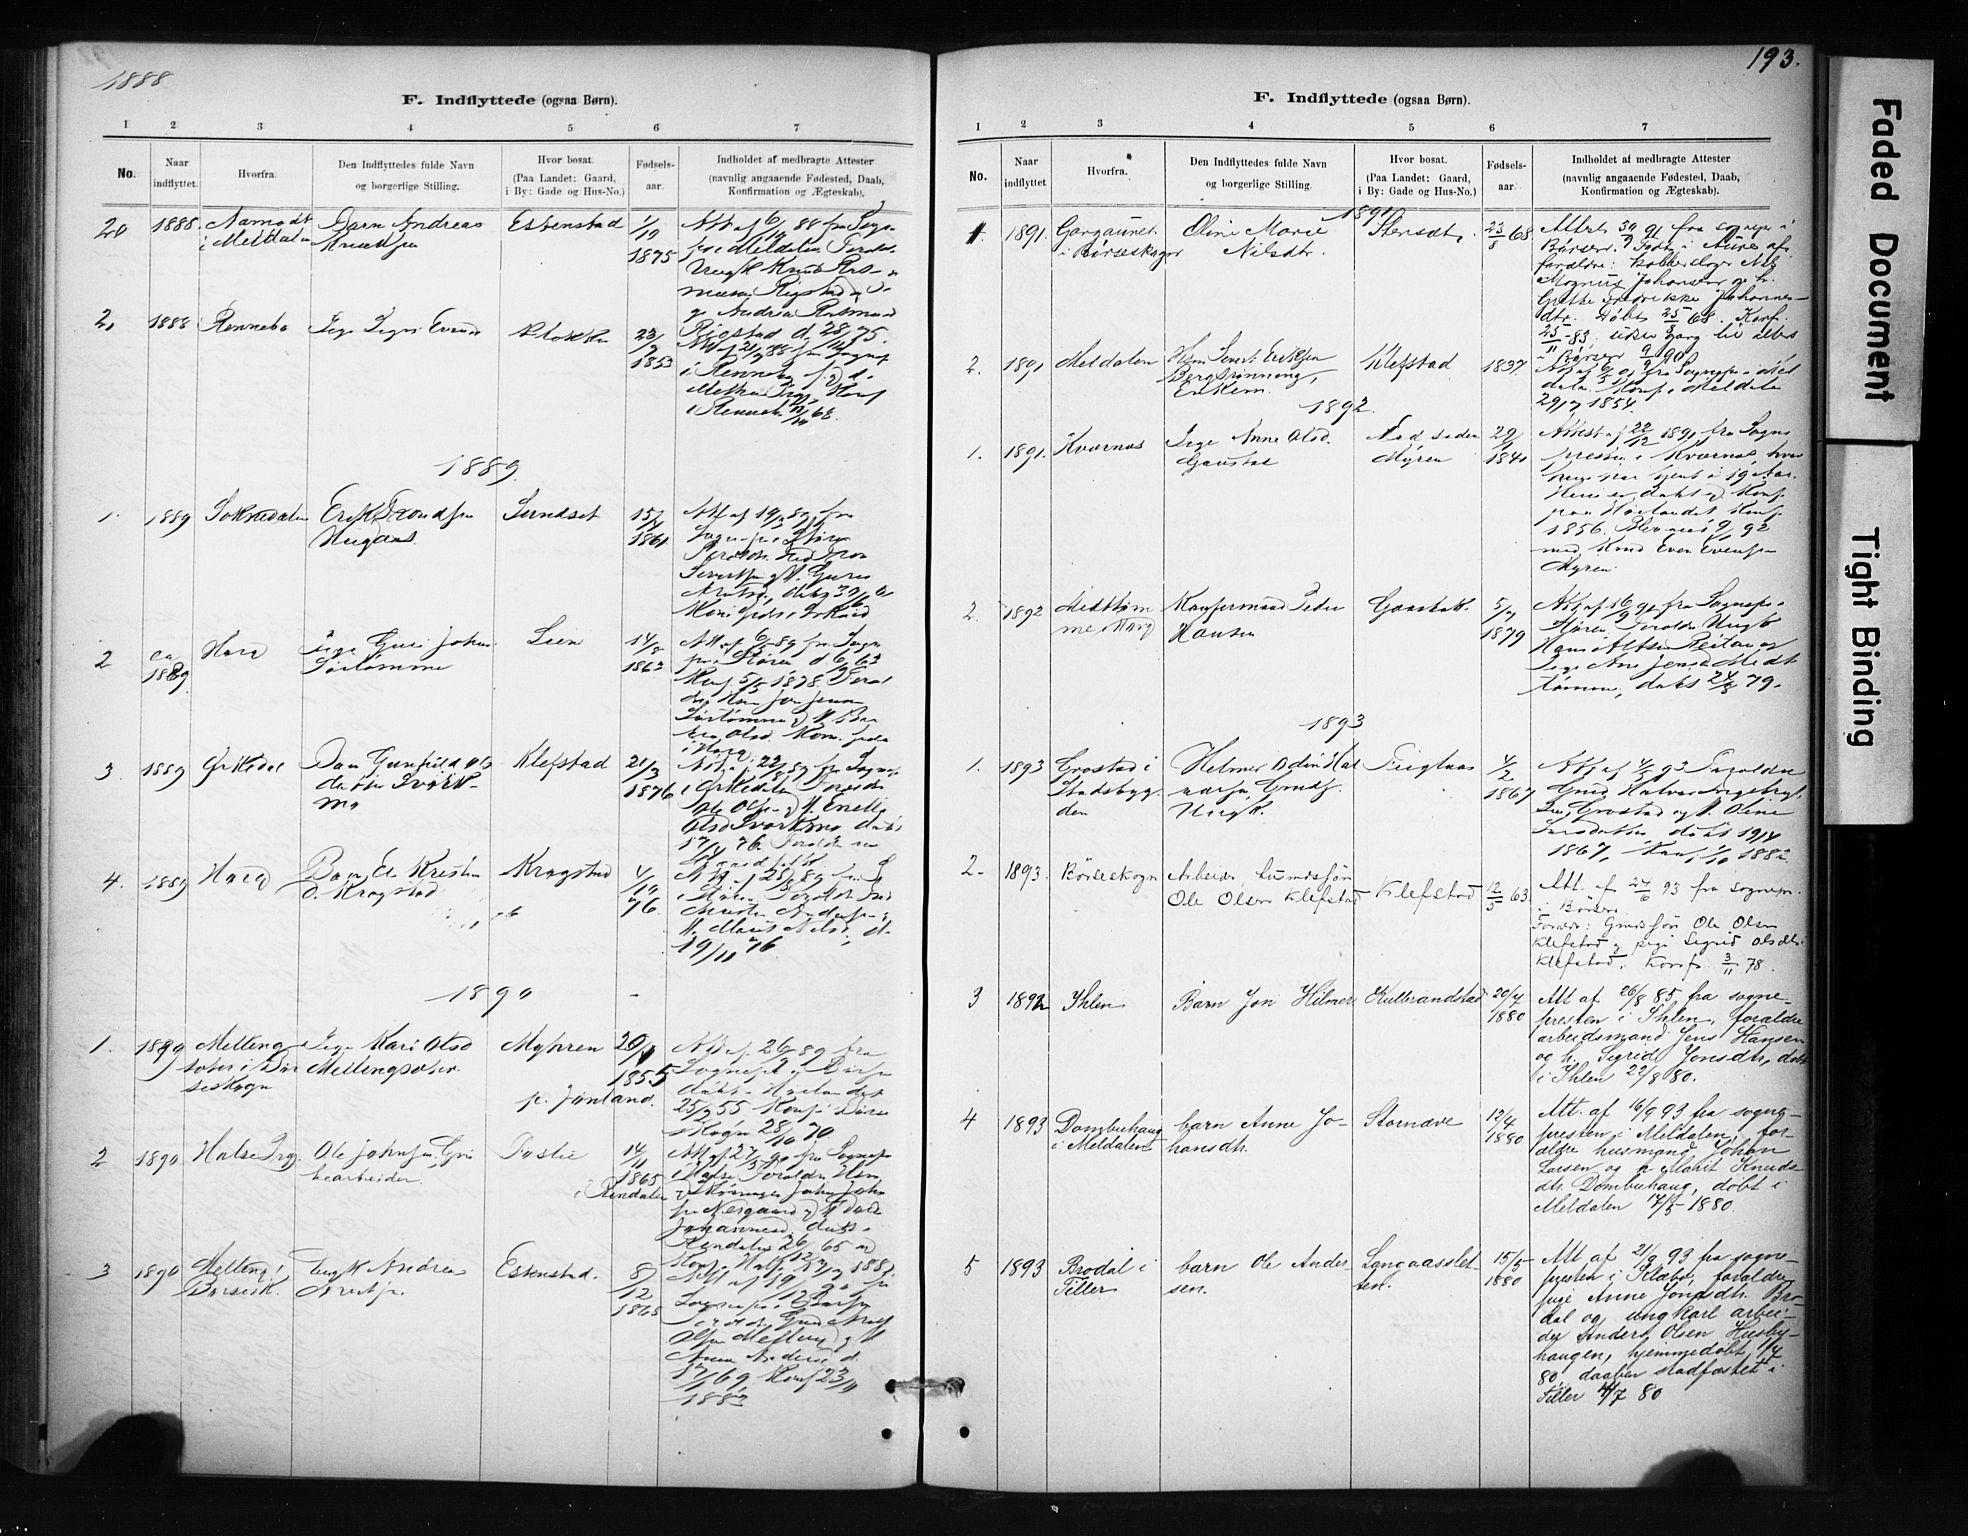 SAT, Ministerialprotokoller, klokkerbøker og fødselsregistre - Sør-Trøndelag, 694/L1127: Ministerialbok nr. 694A01, 1887-1905, s. 193